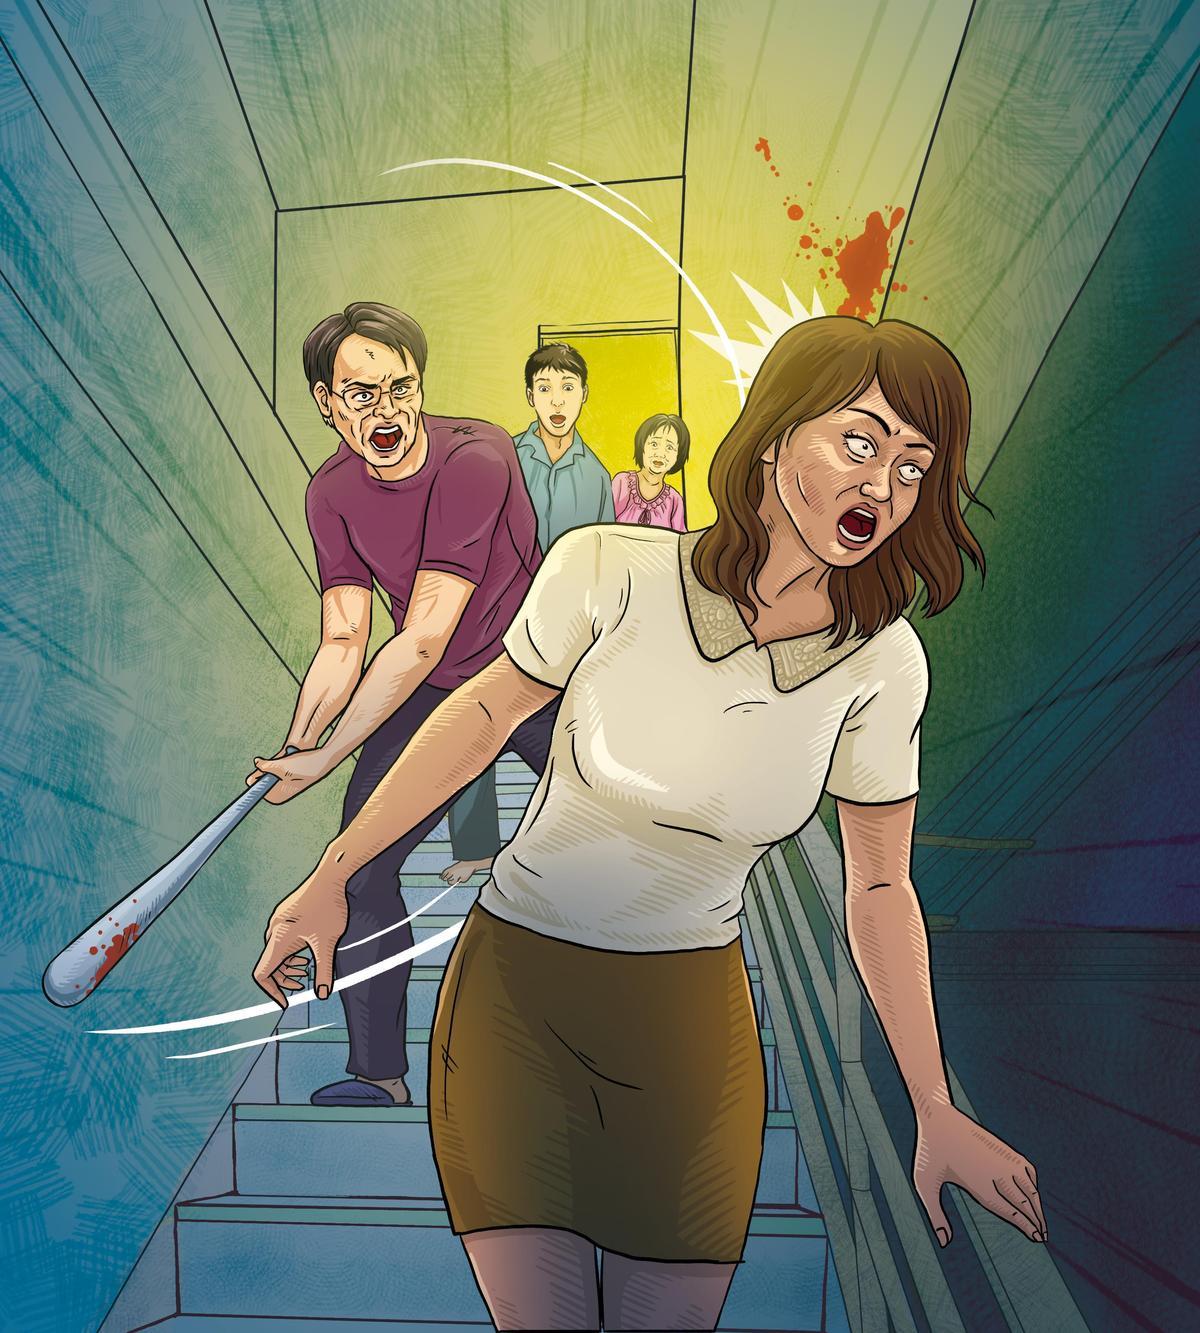 黃建河因曾美蘭酒後到家中吵鬧,甚至攻擊妻兒,一怒之下拿球棒重擊曾女。